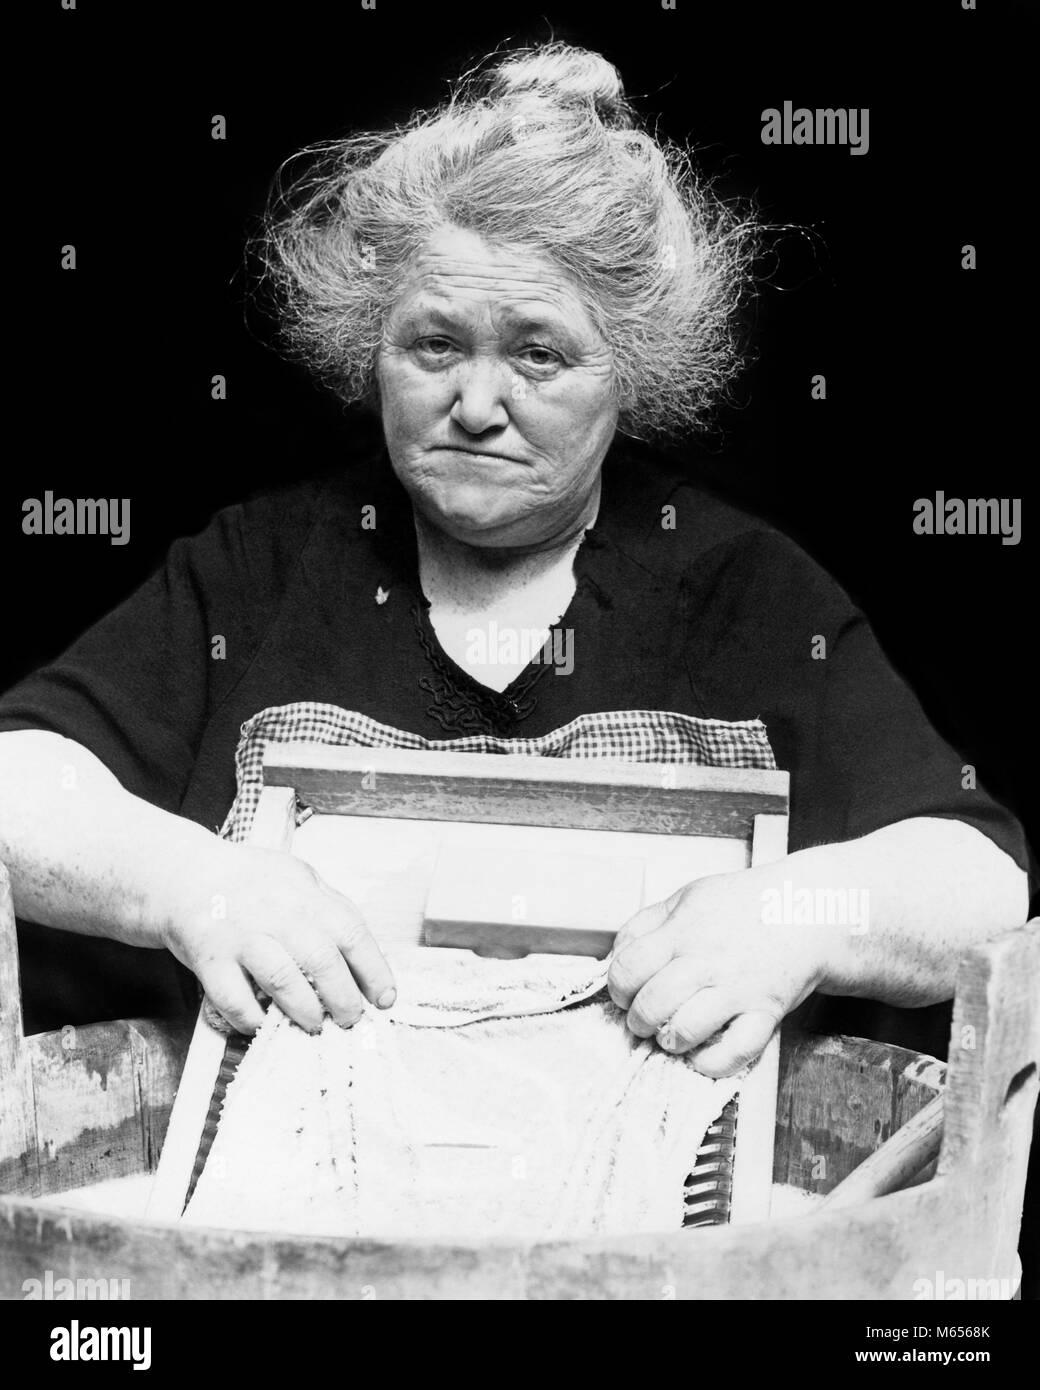 1930er Jahre Depression Era Senior Frau Traurige Gesichtsausdruck